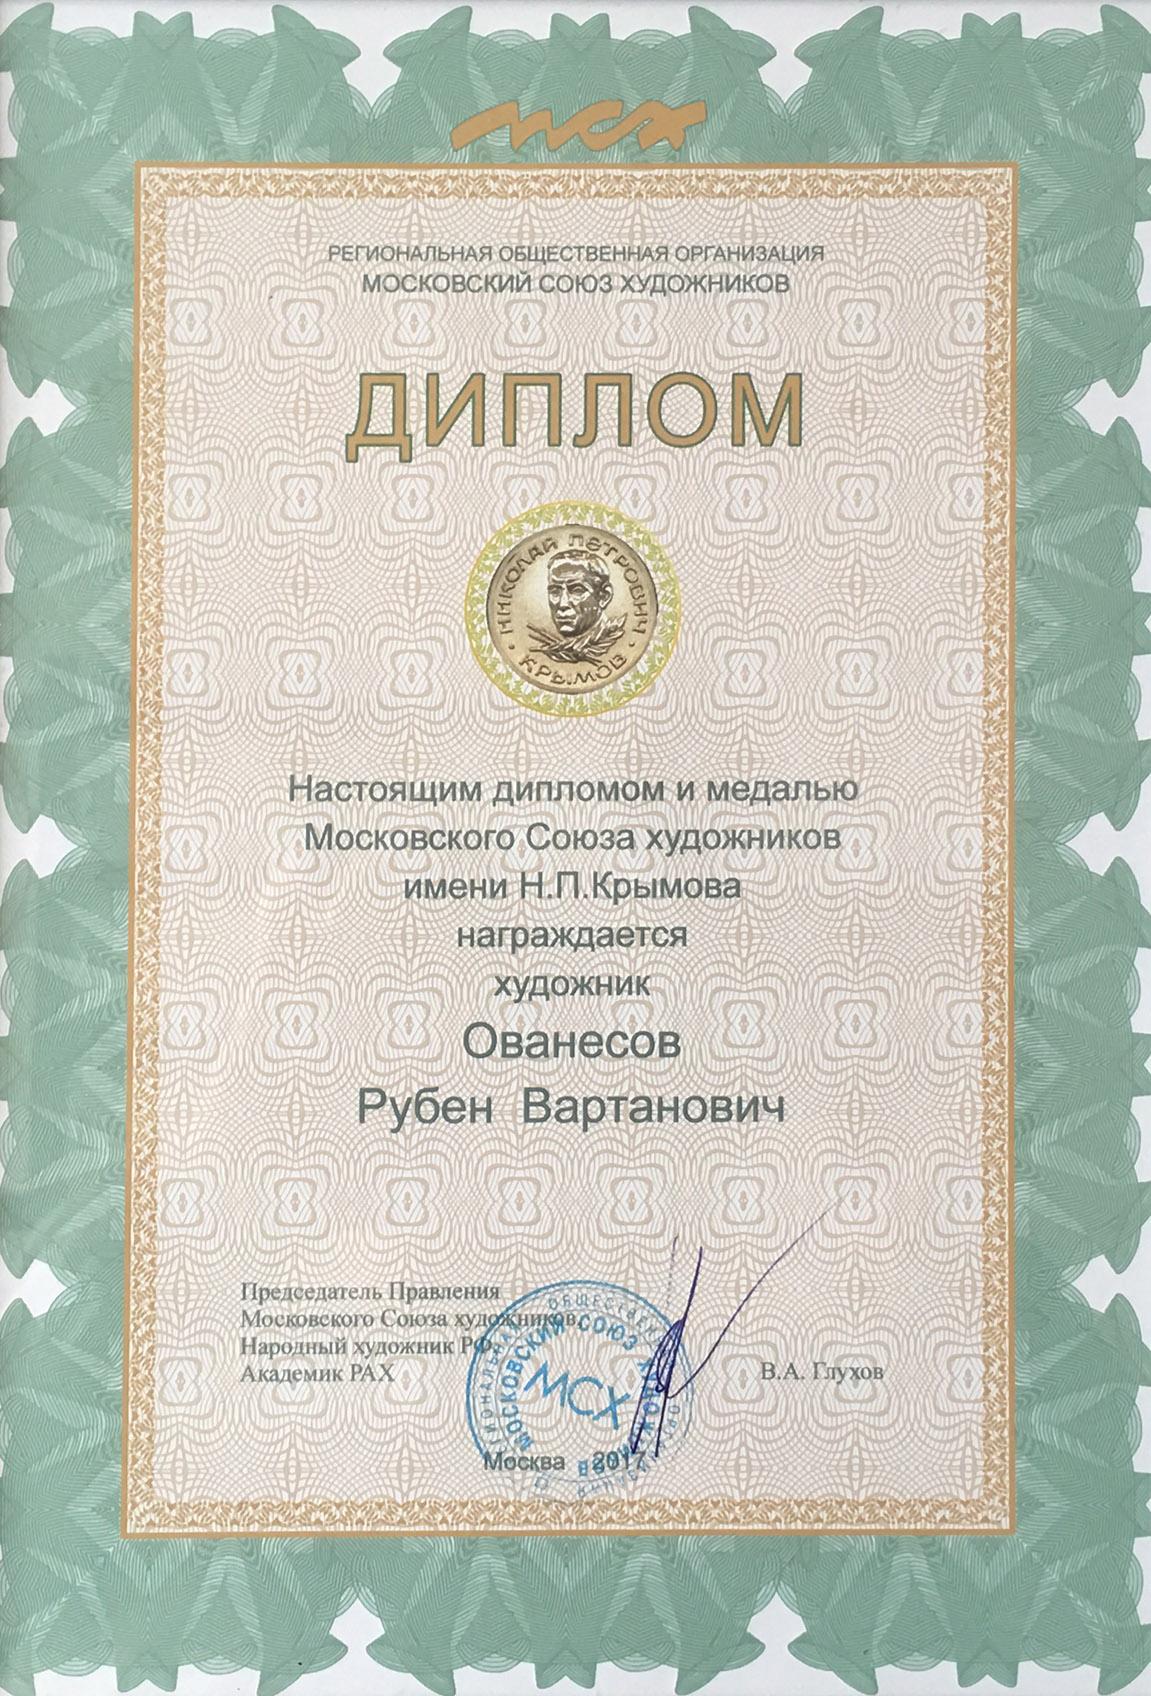 Медаль им. Н. Крымова (Диплом)